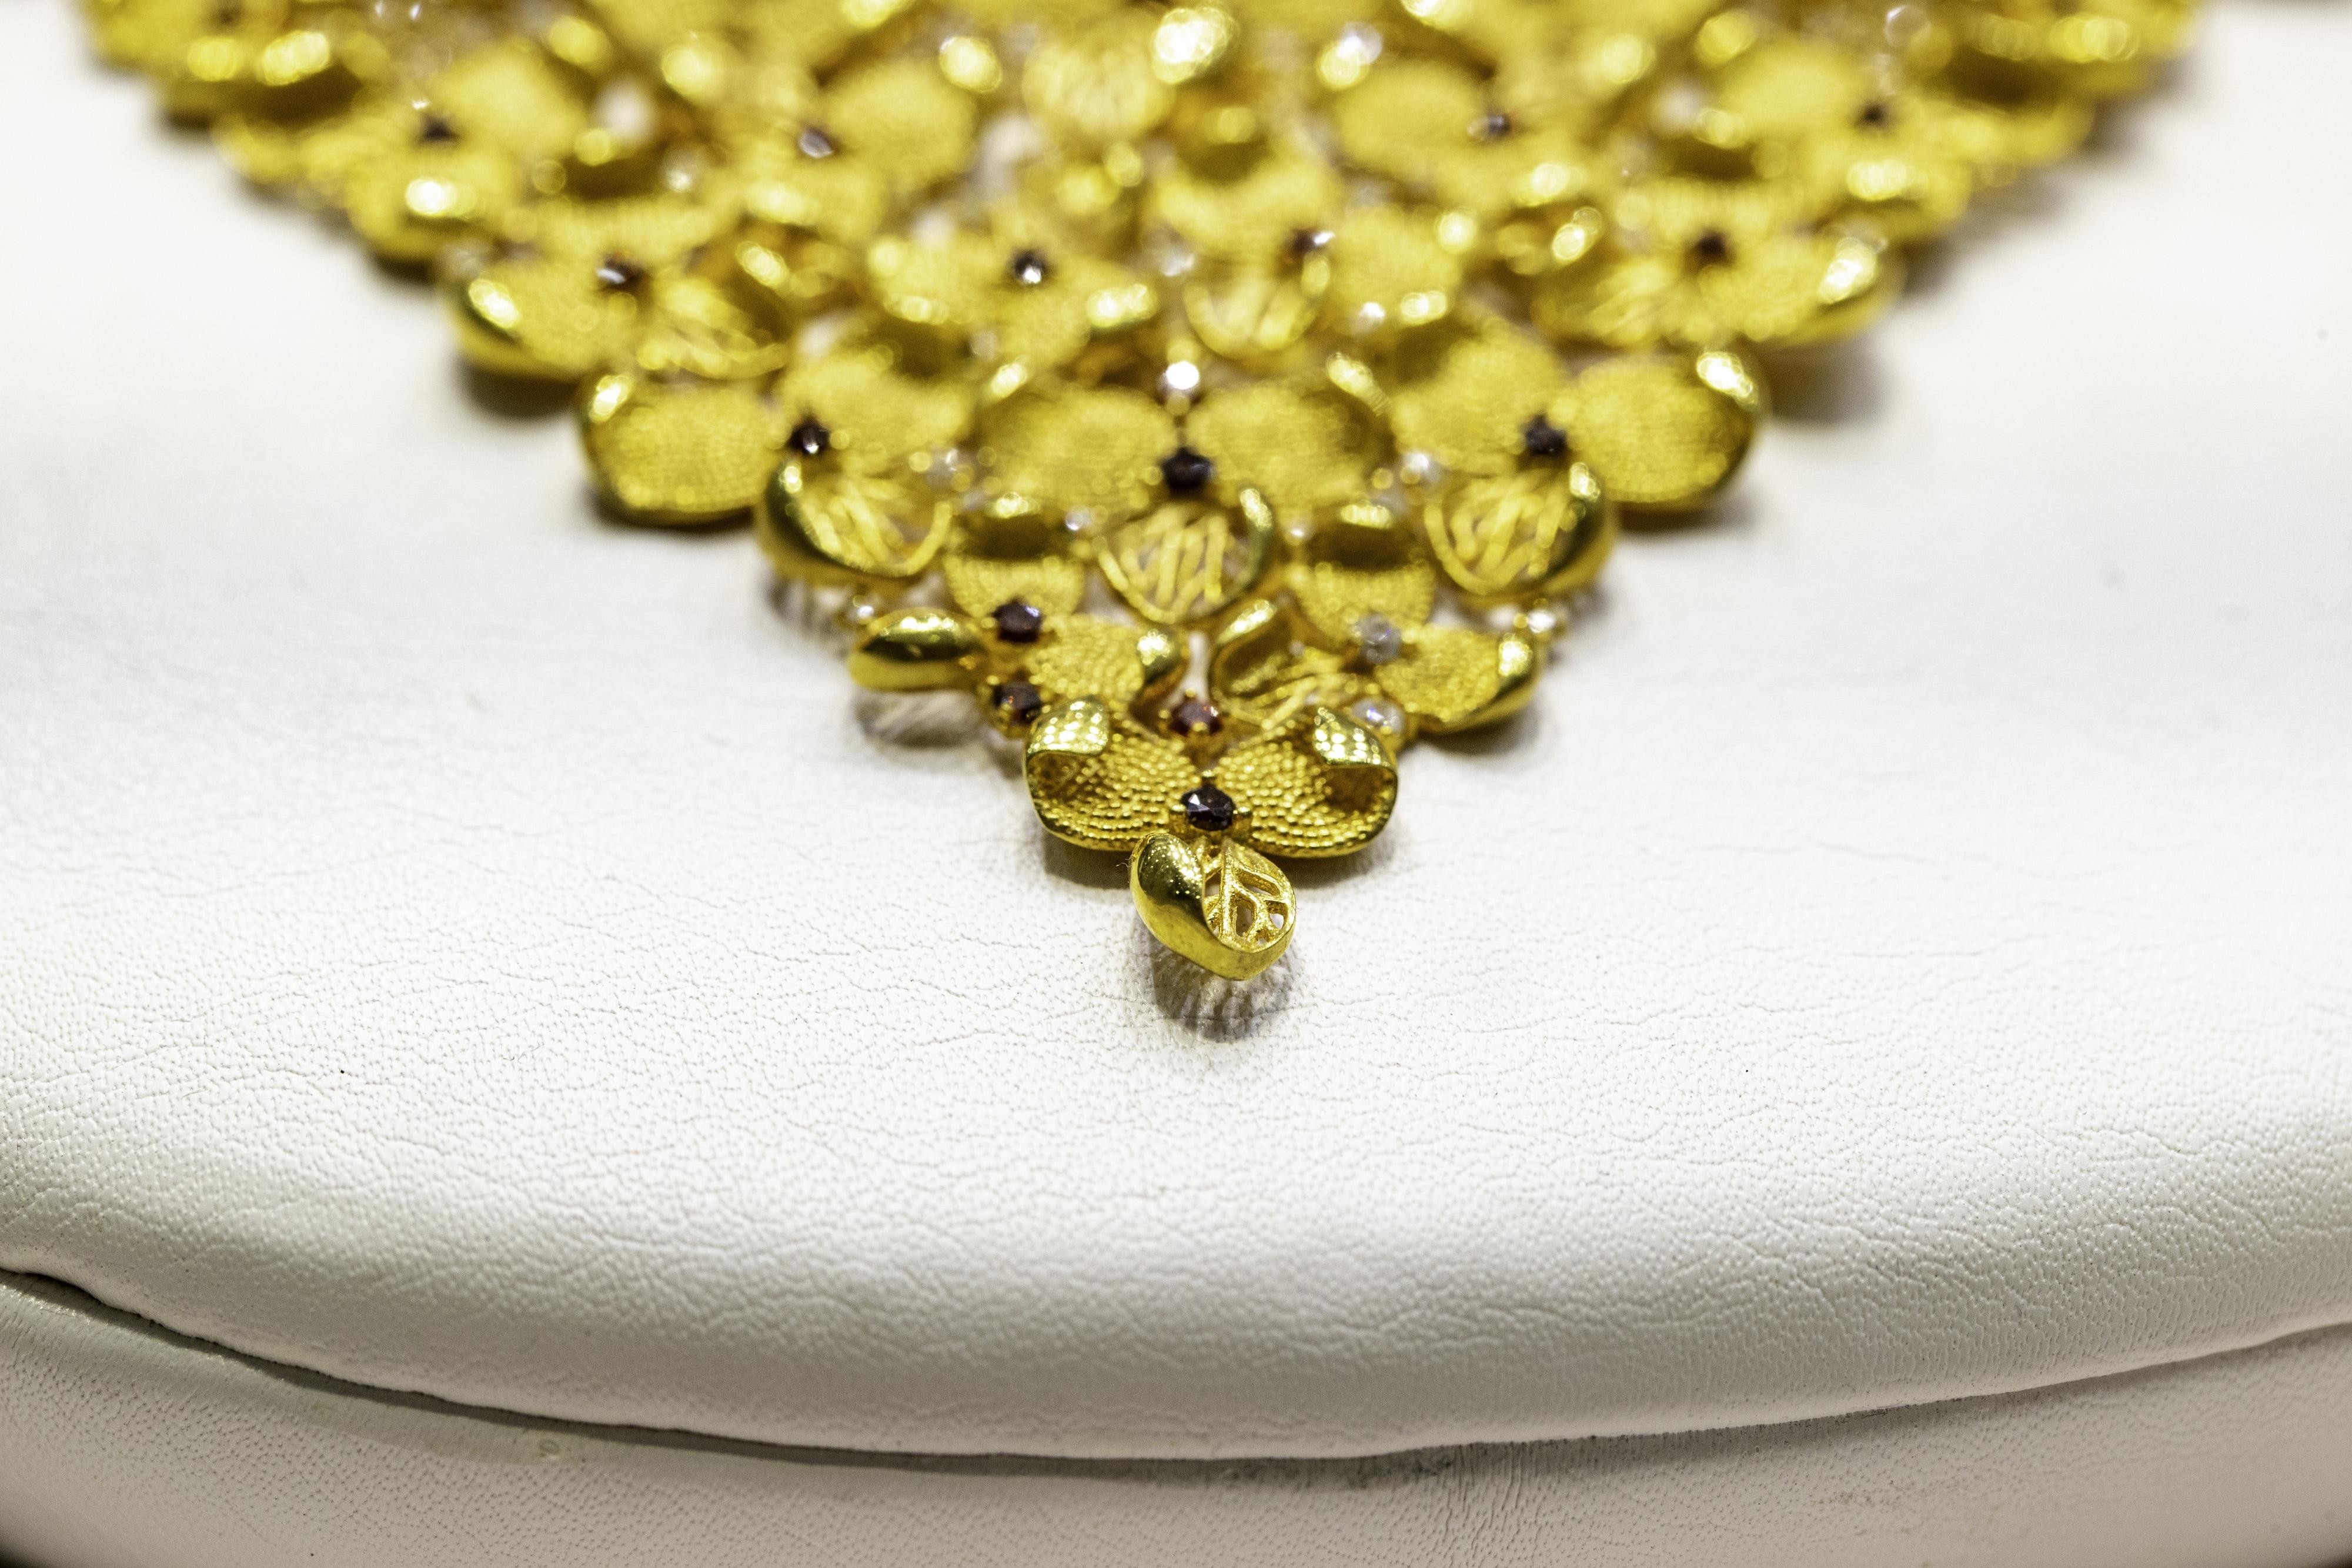 গুডরিটার্নস-এর রিপোর্ট অনুযায়ী শুক্রবার কলকাতায় ১০ গ্রাম ২২ ক্যারাট(22 carat gold) সোনার দাম ৪৬,১৯০ টাকা। ১০ গ্রাম ২৪ ক্যারাট সোনার দাম এখন ৪৮,৯০০ টাকা। ফাইল ছবি : ব্লুমবার্গ (Bloomberg)